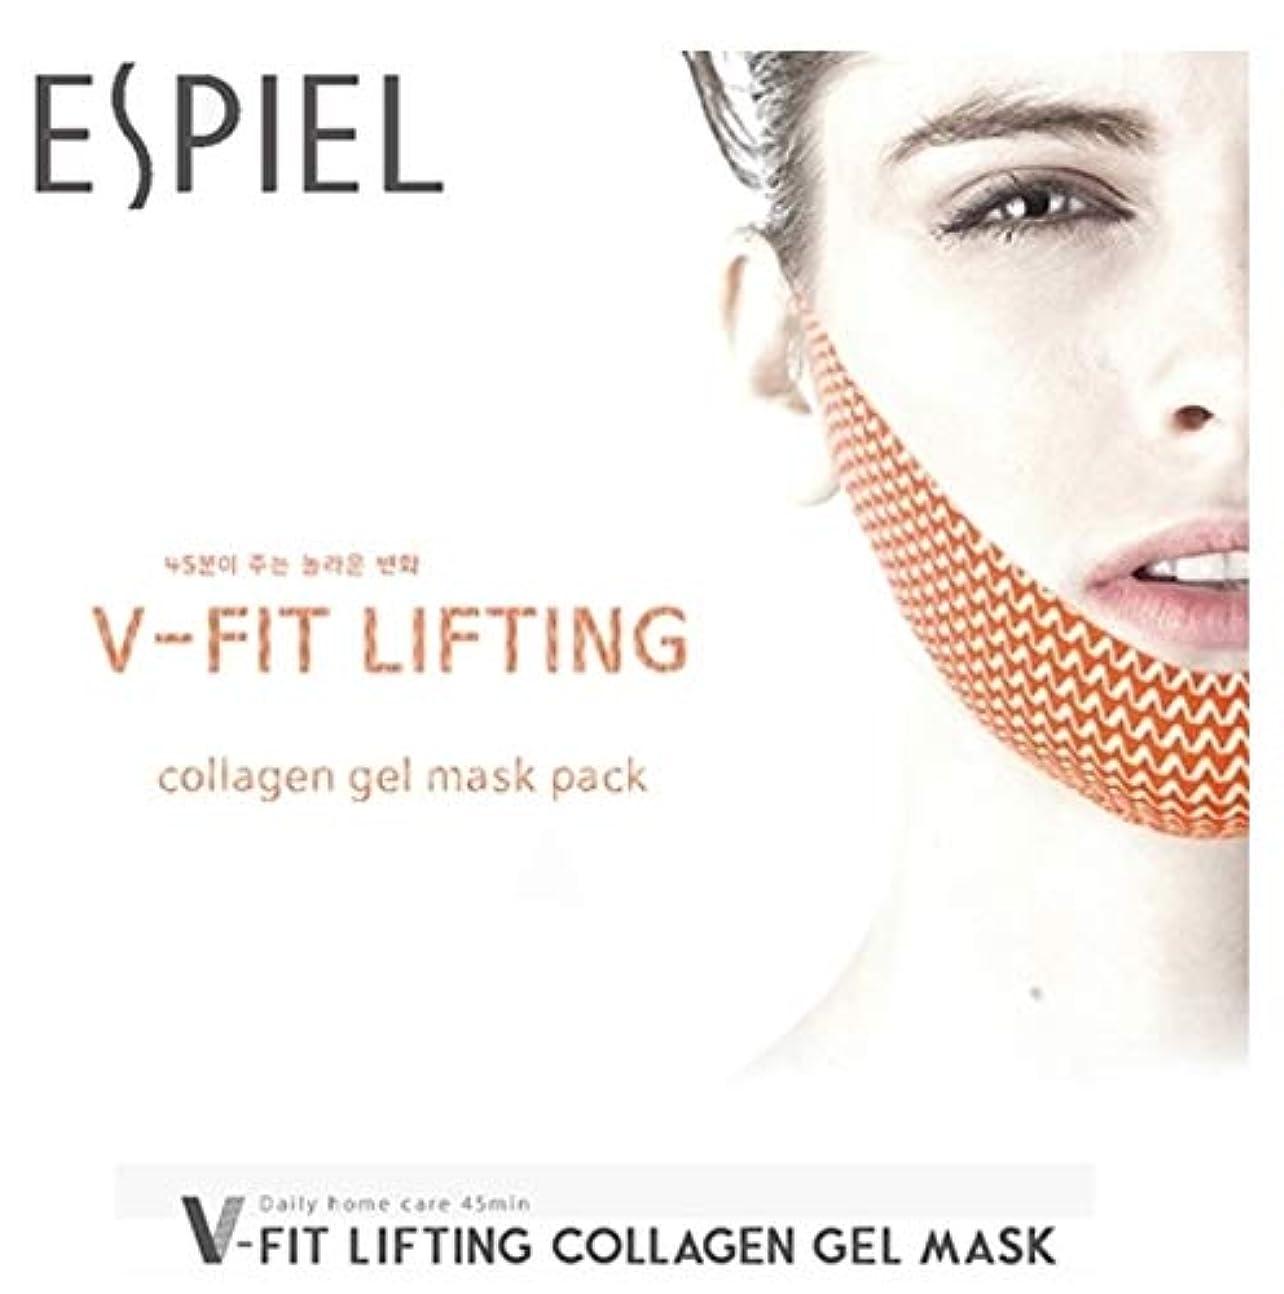 脱臼する優れましたペース【ESPIEL]五ピットリフティングコラーゲンゲルマスク(5EA)/ V FIT LIFTING COLLAGEN GEL MASK(5EA)